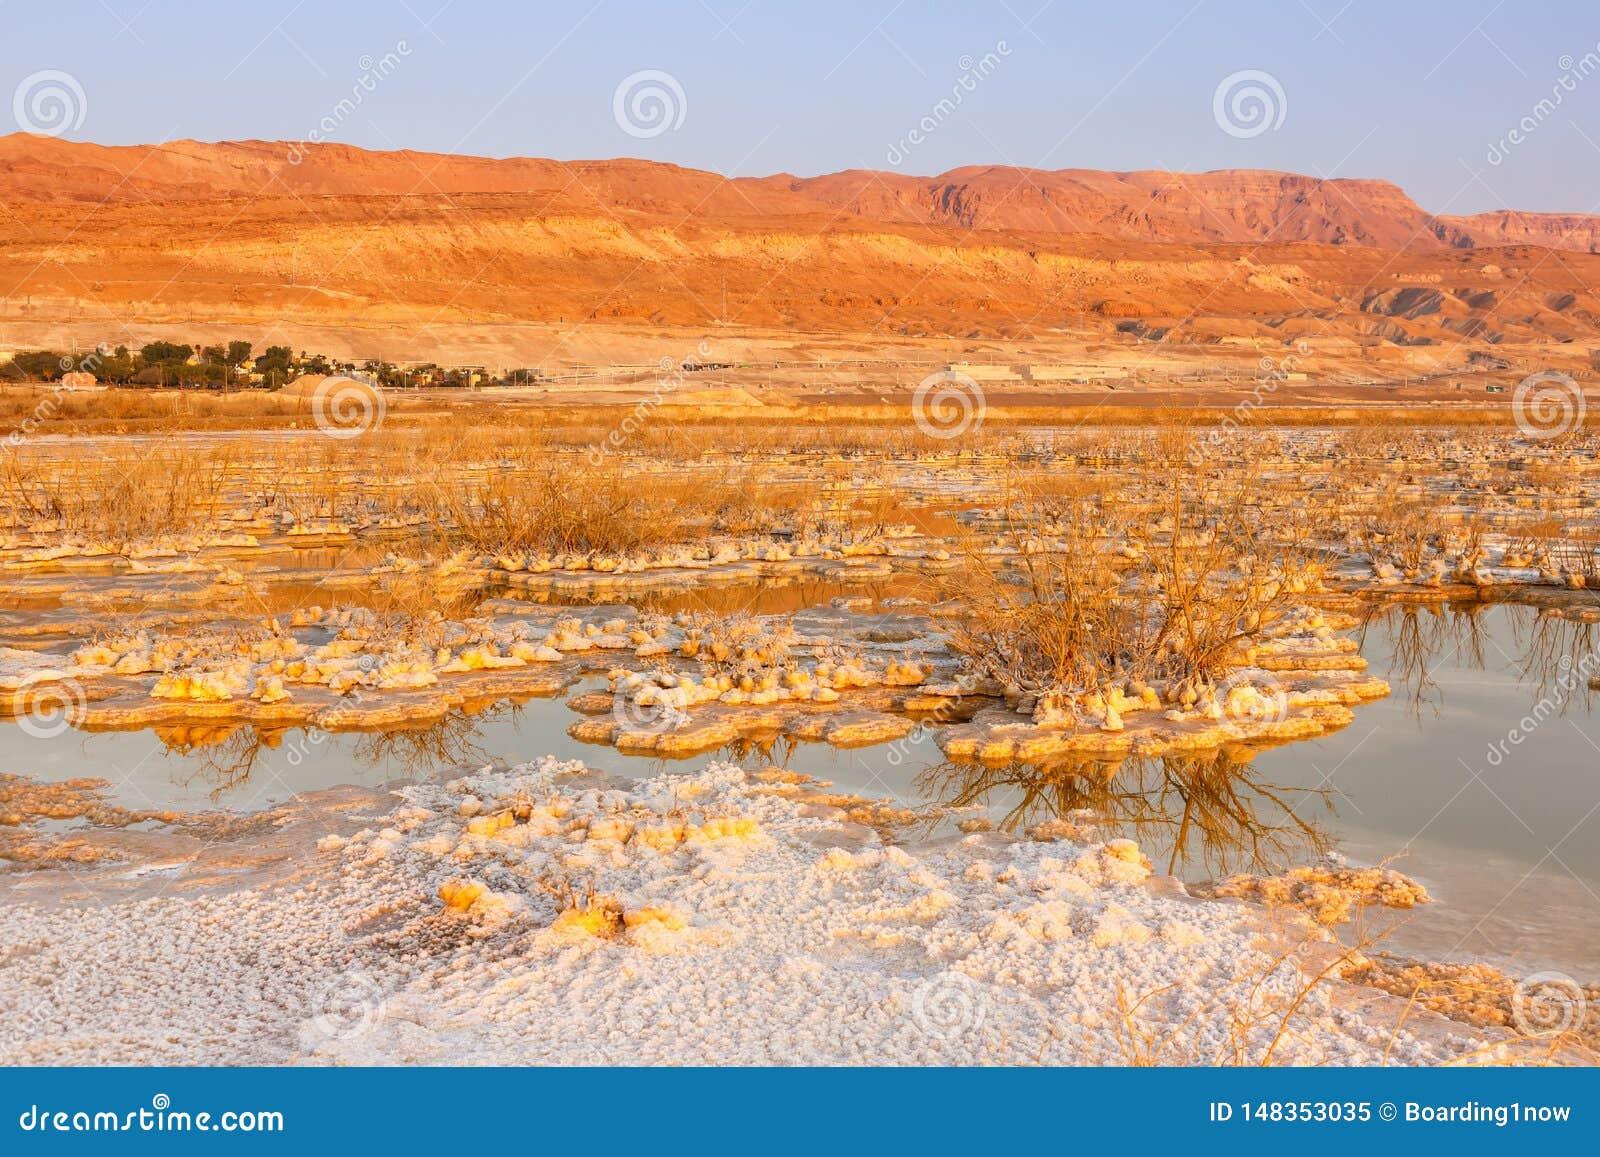 死海以色列日出早晨风景自然